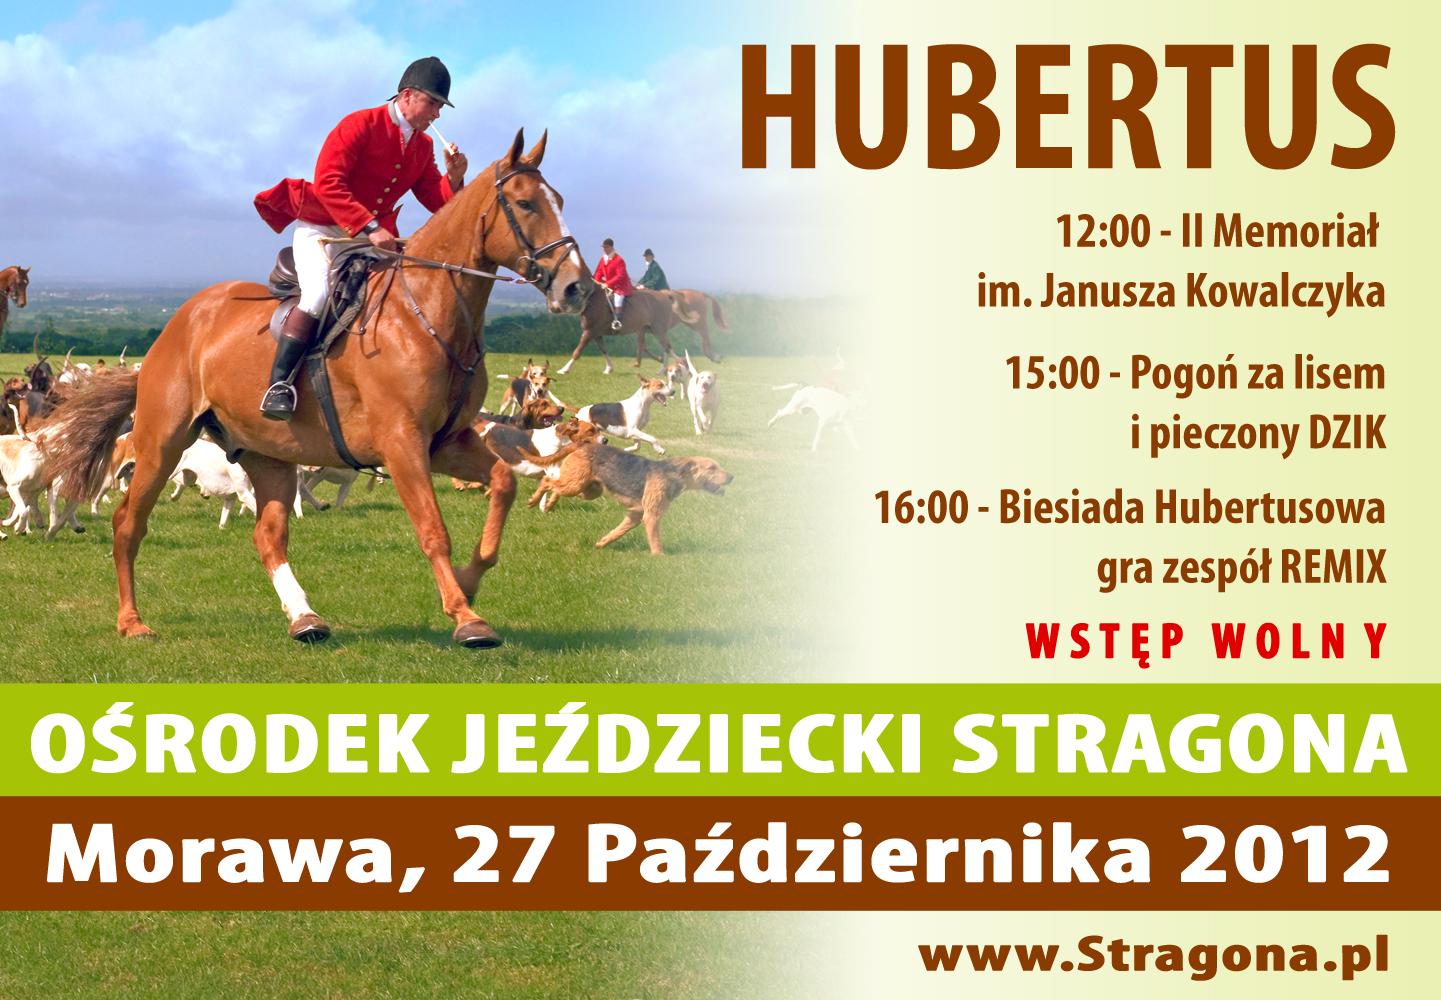 LKS Stragona zaprasza na Hubertusa